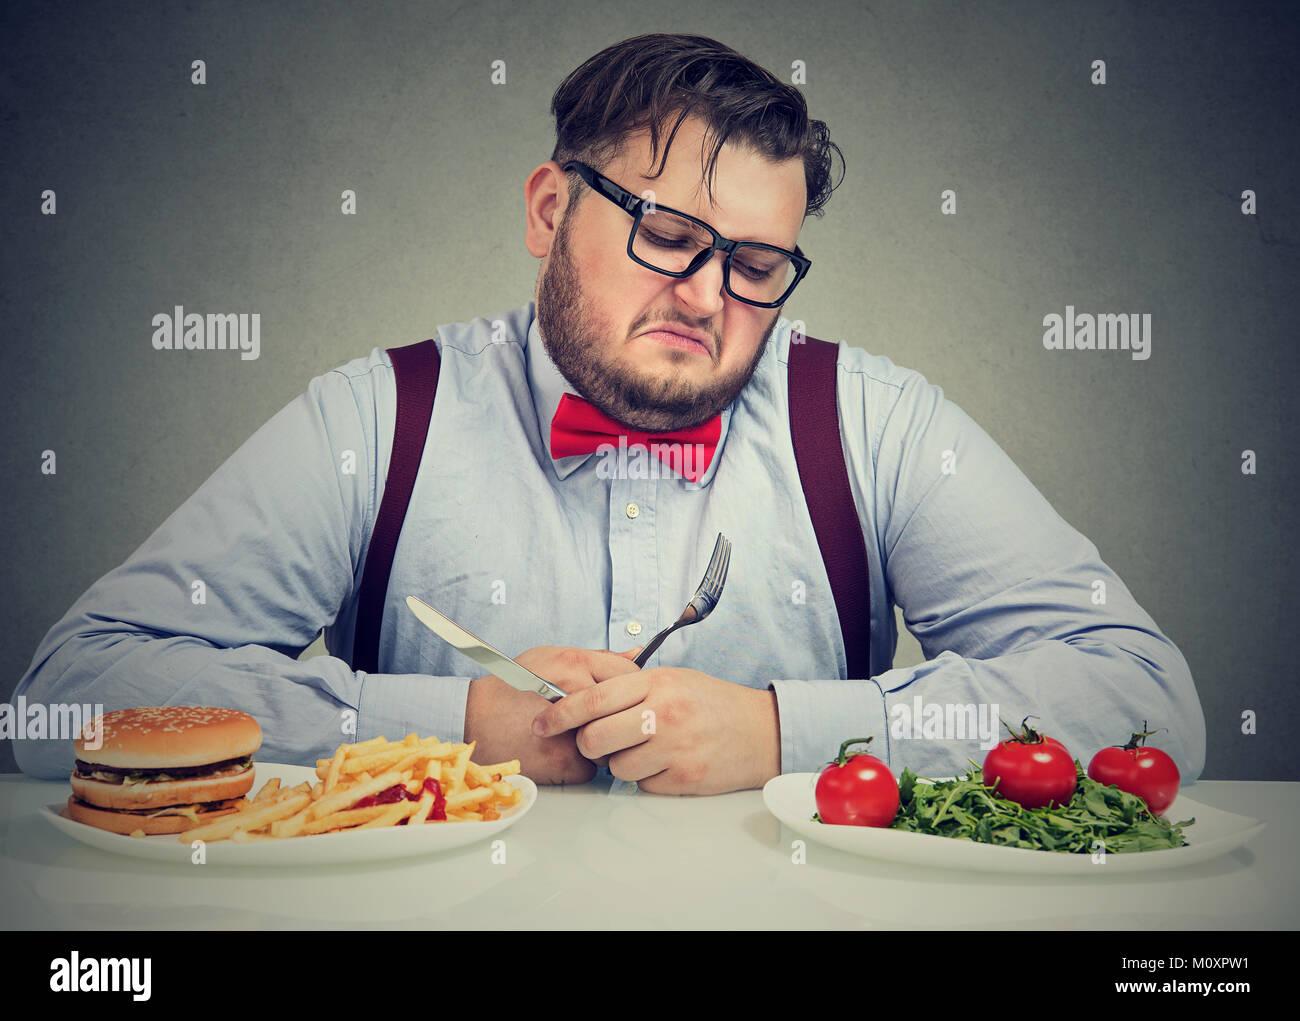 Il sovrappeso uomo in abito formale guardando insalata†con odio mentre succo di craving hamburger. Immagini Stock